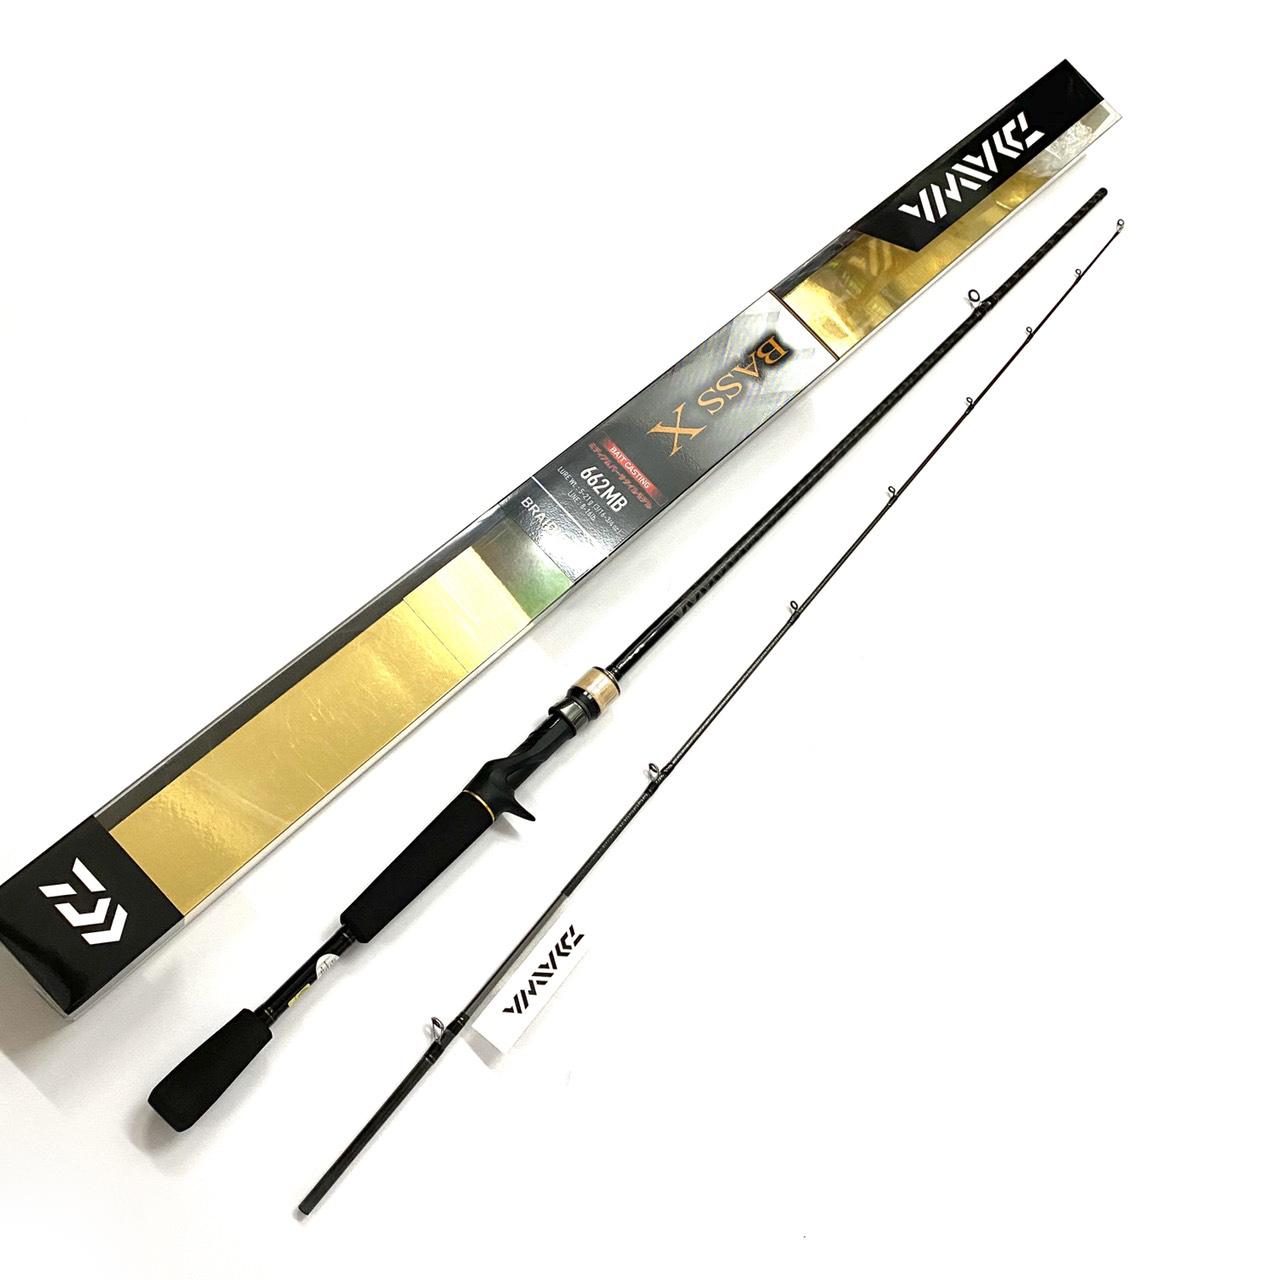 Cần câu cá Daiwa Bass X 662MB, cần lure máy ngang 1m98 khoen pat fuji